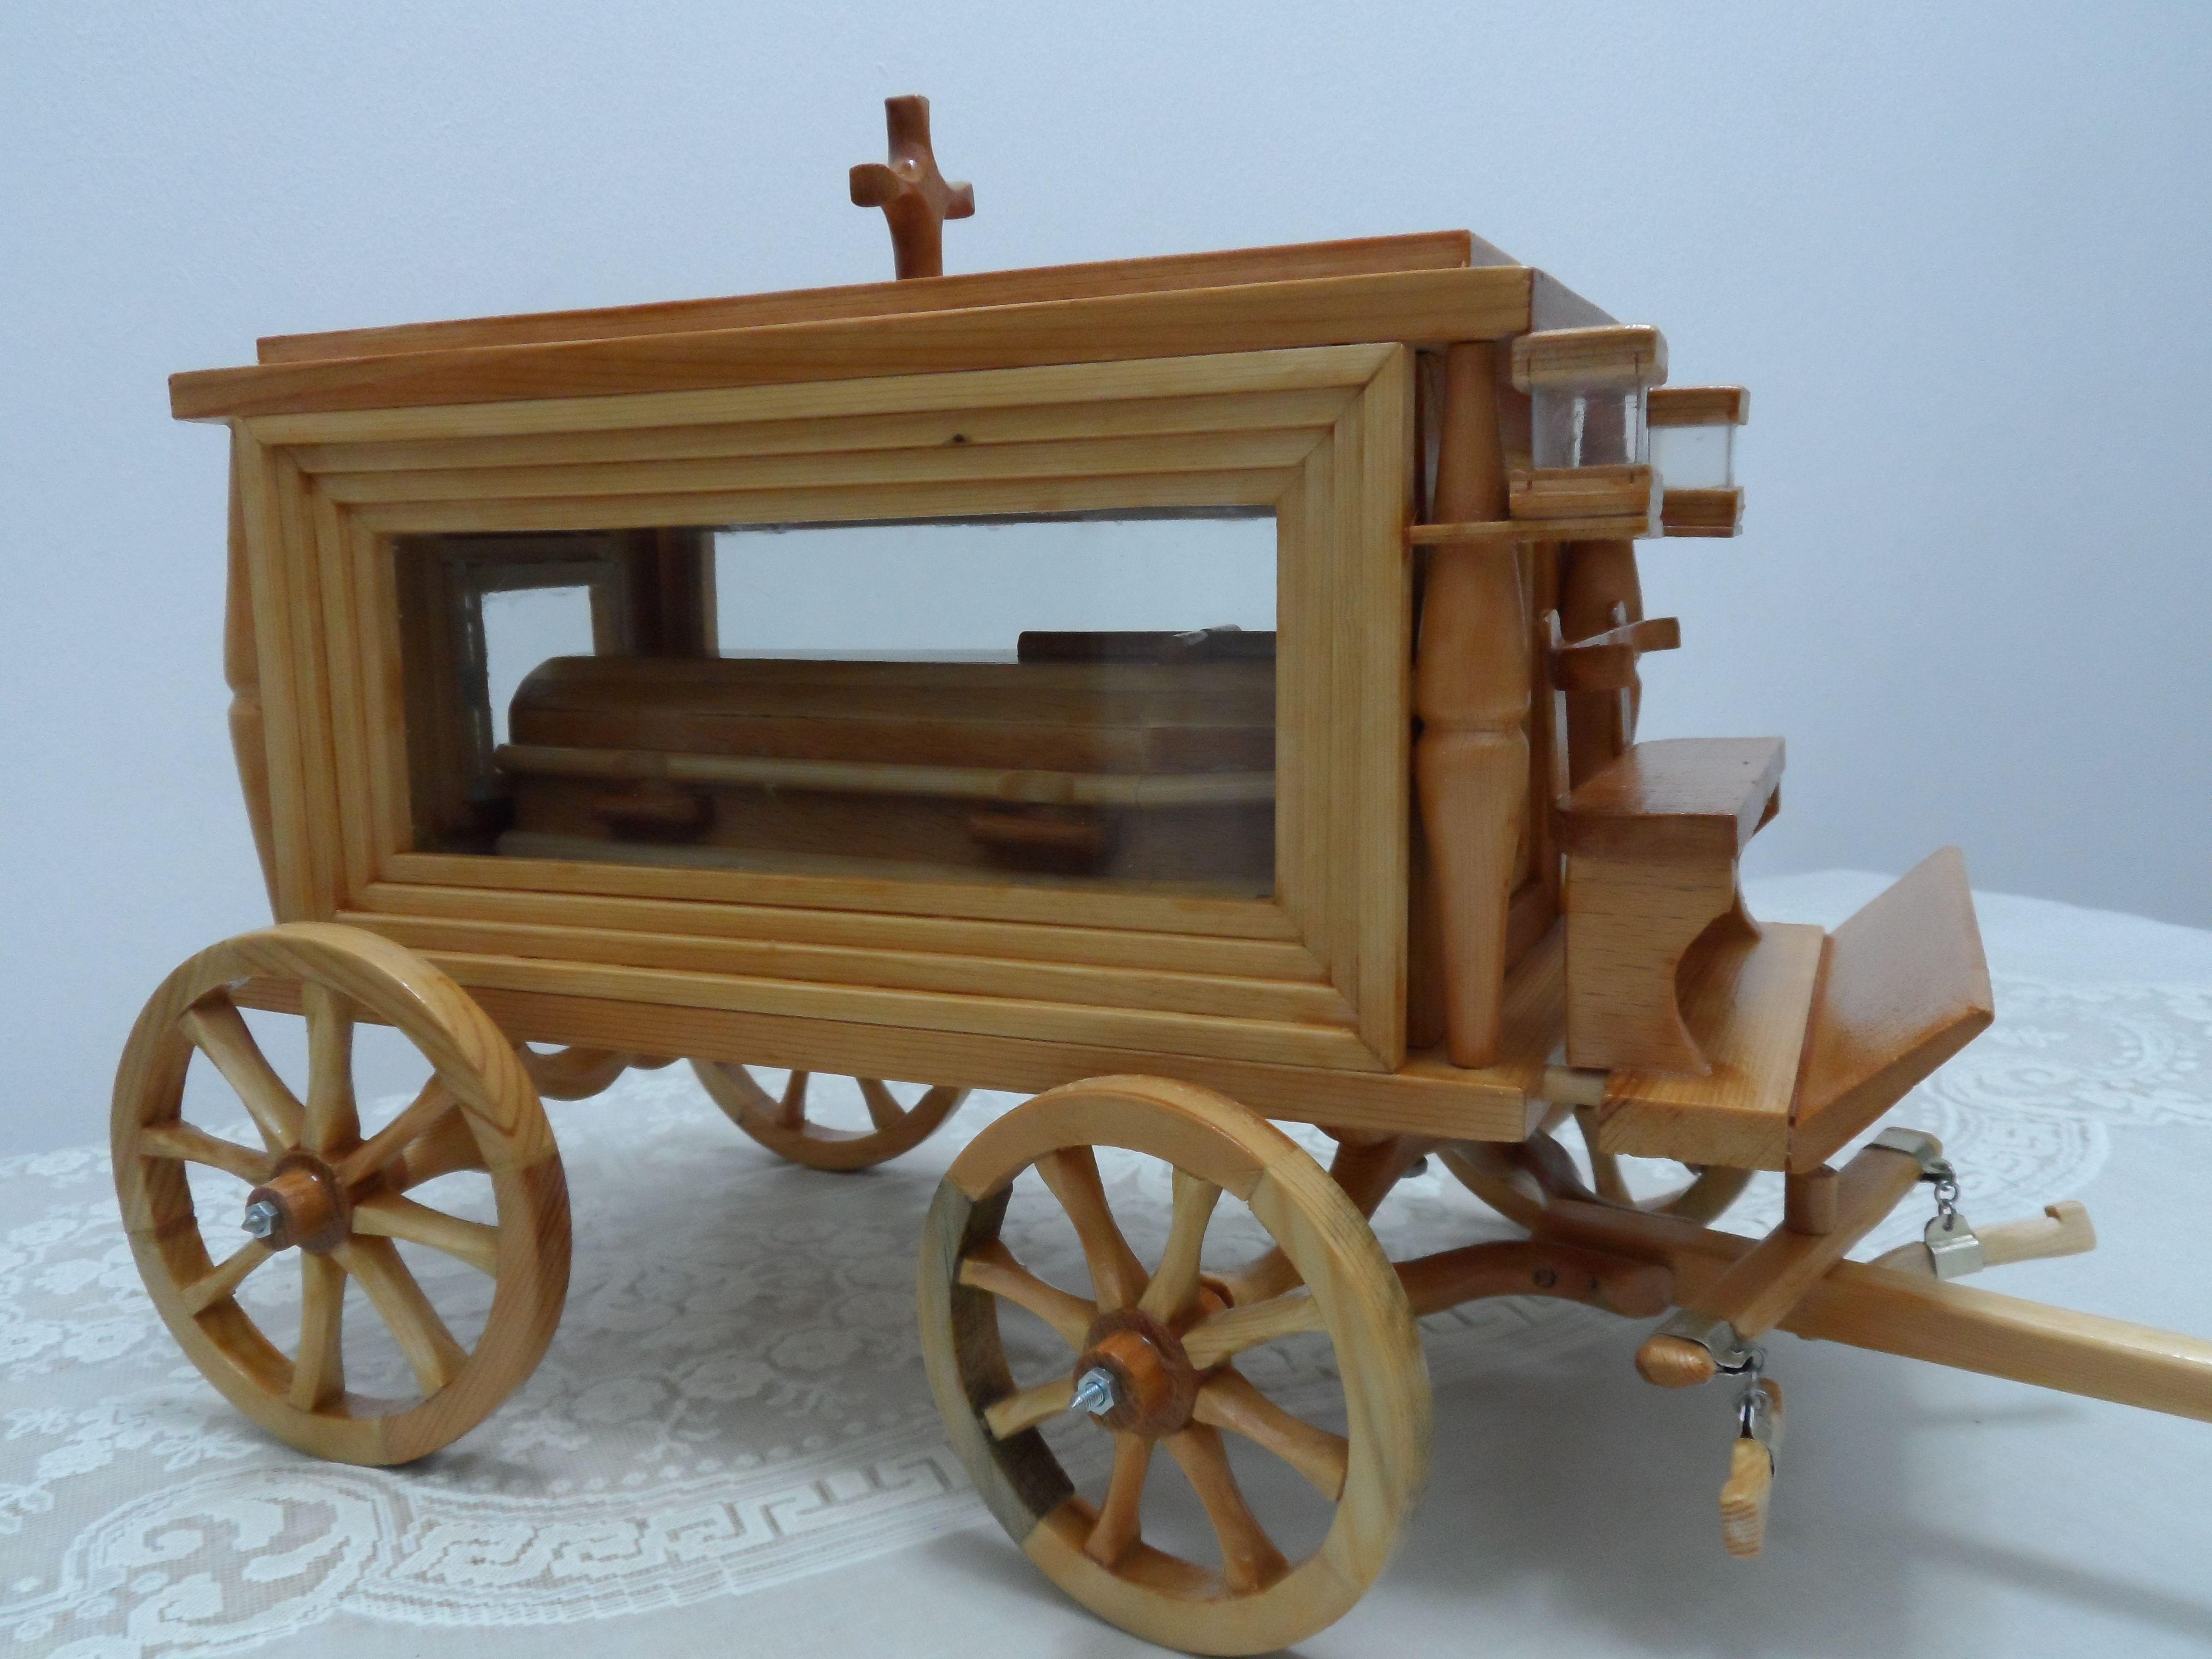 Cift Atli Cenaze Arabasi Wooden Toys Wooden Toy Car Wooden